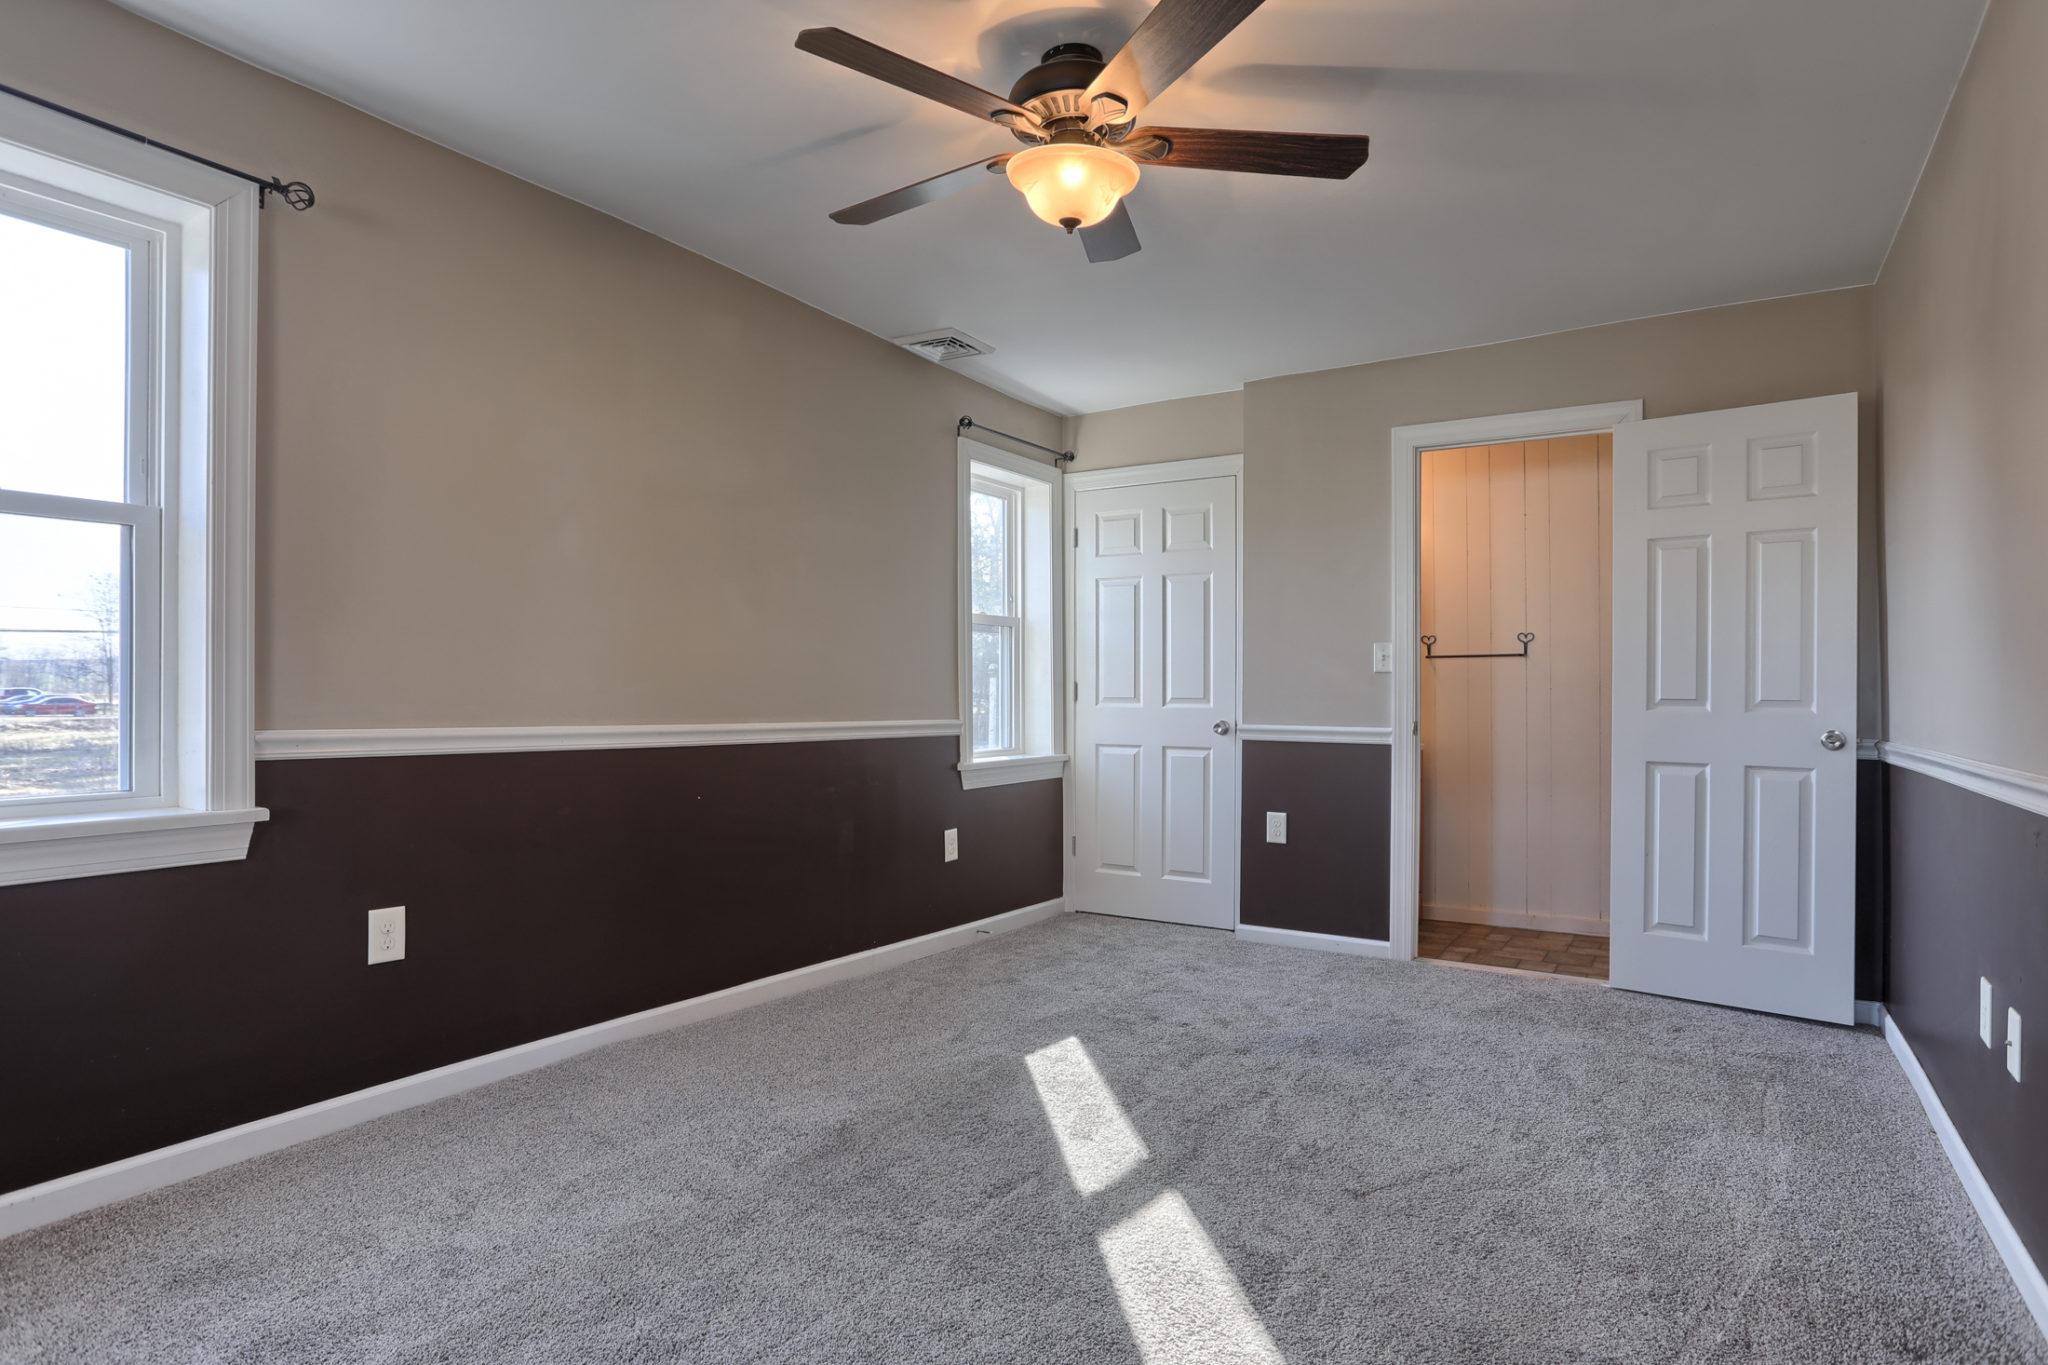 12 E. Center Ave - Living Room 2